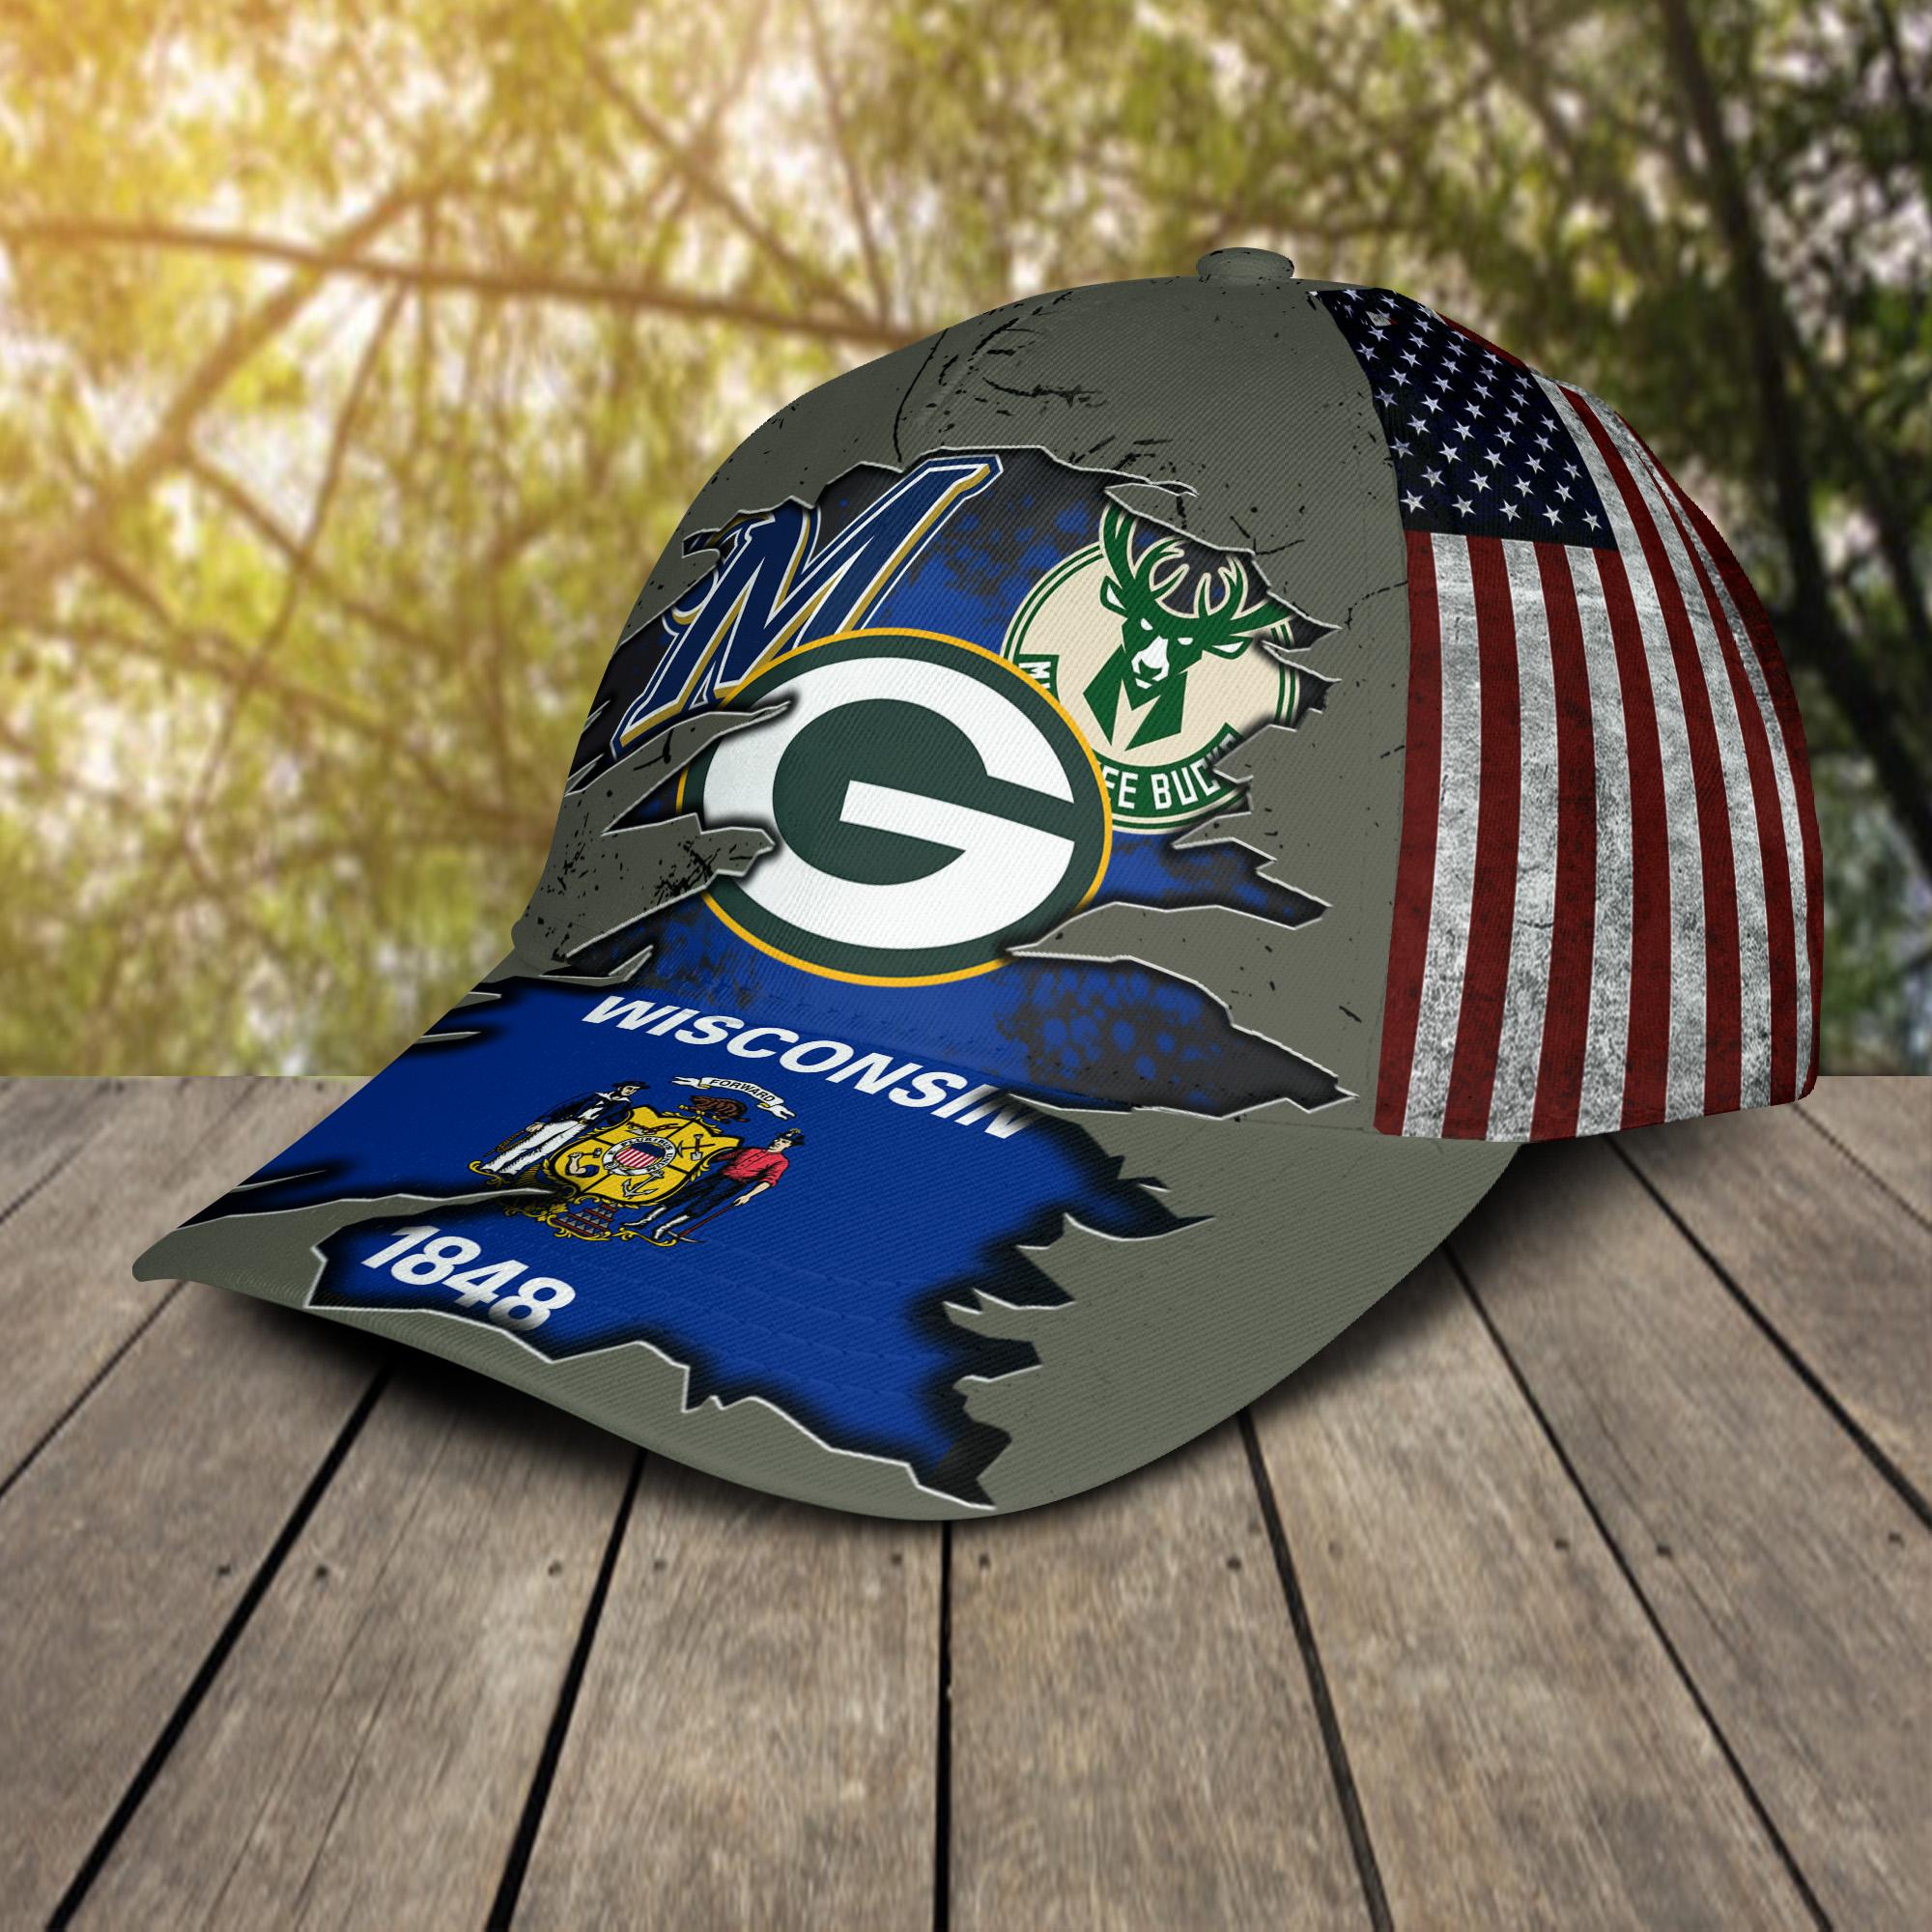 Green Bay Packers Milwaukee Brewers Milwaukee Bucks Wiscosin 1848 Cap 2